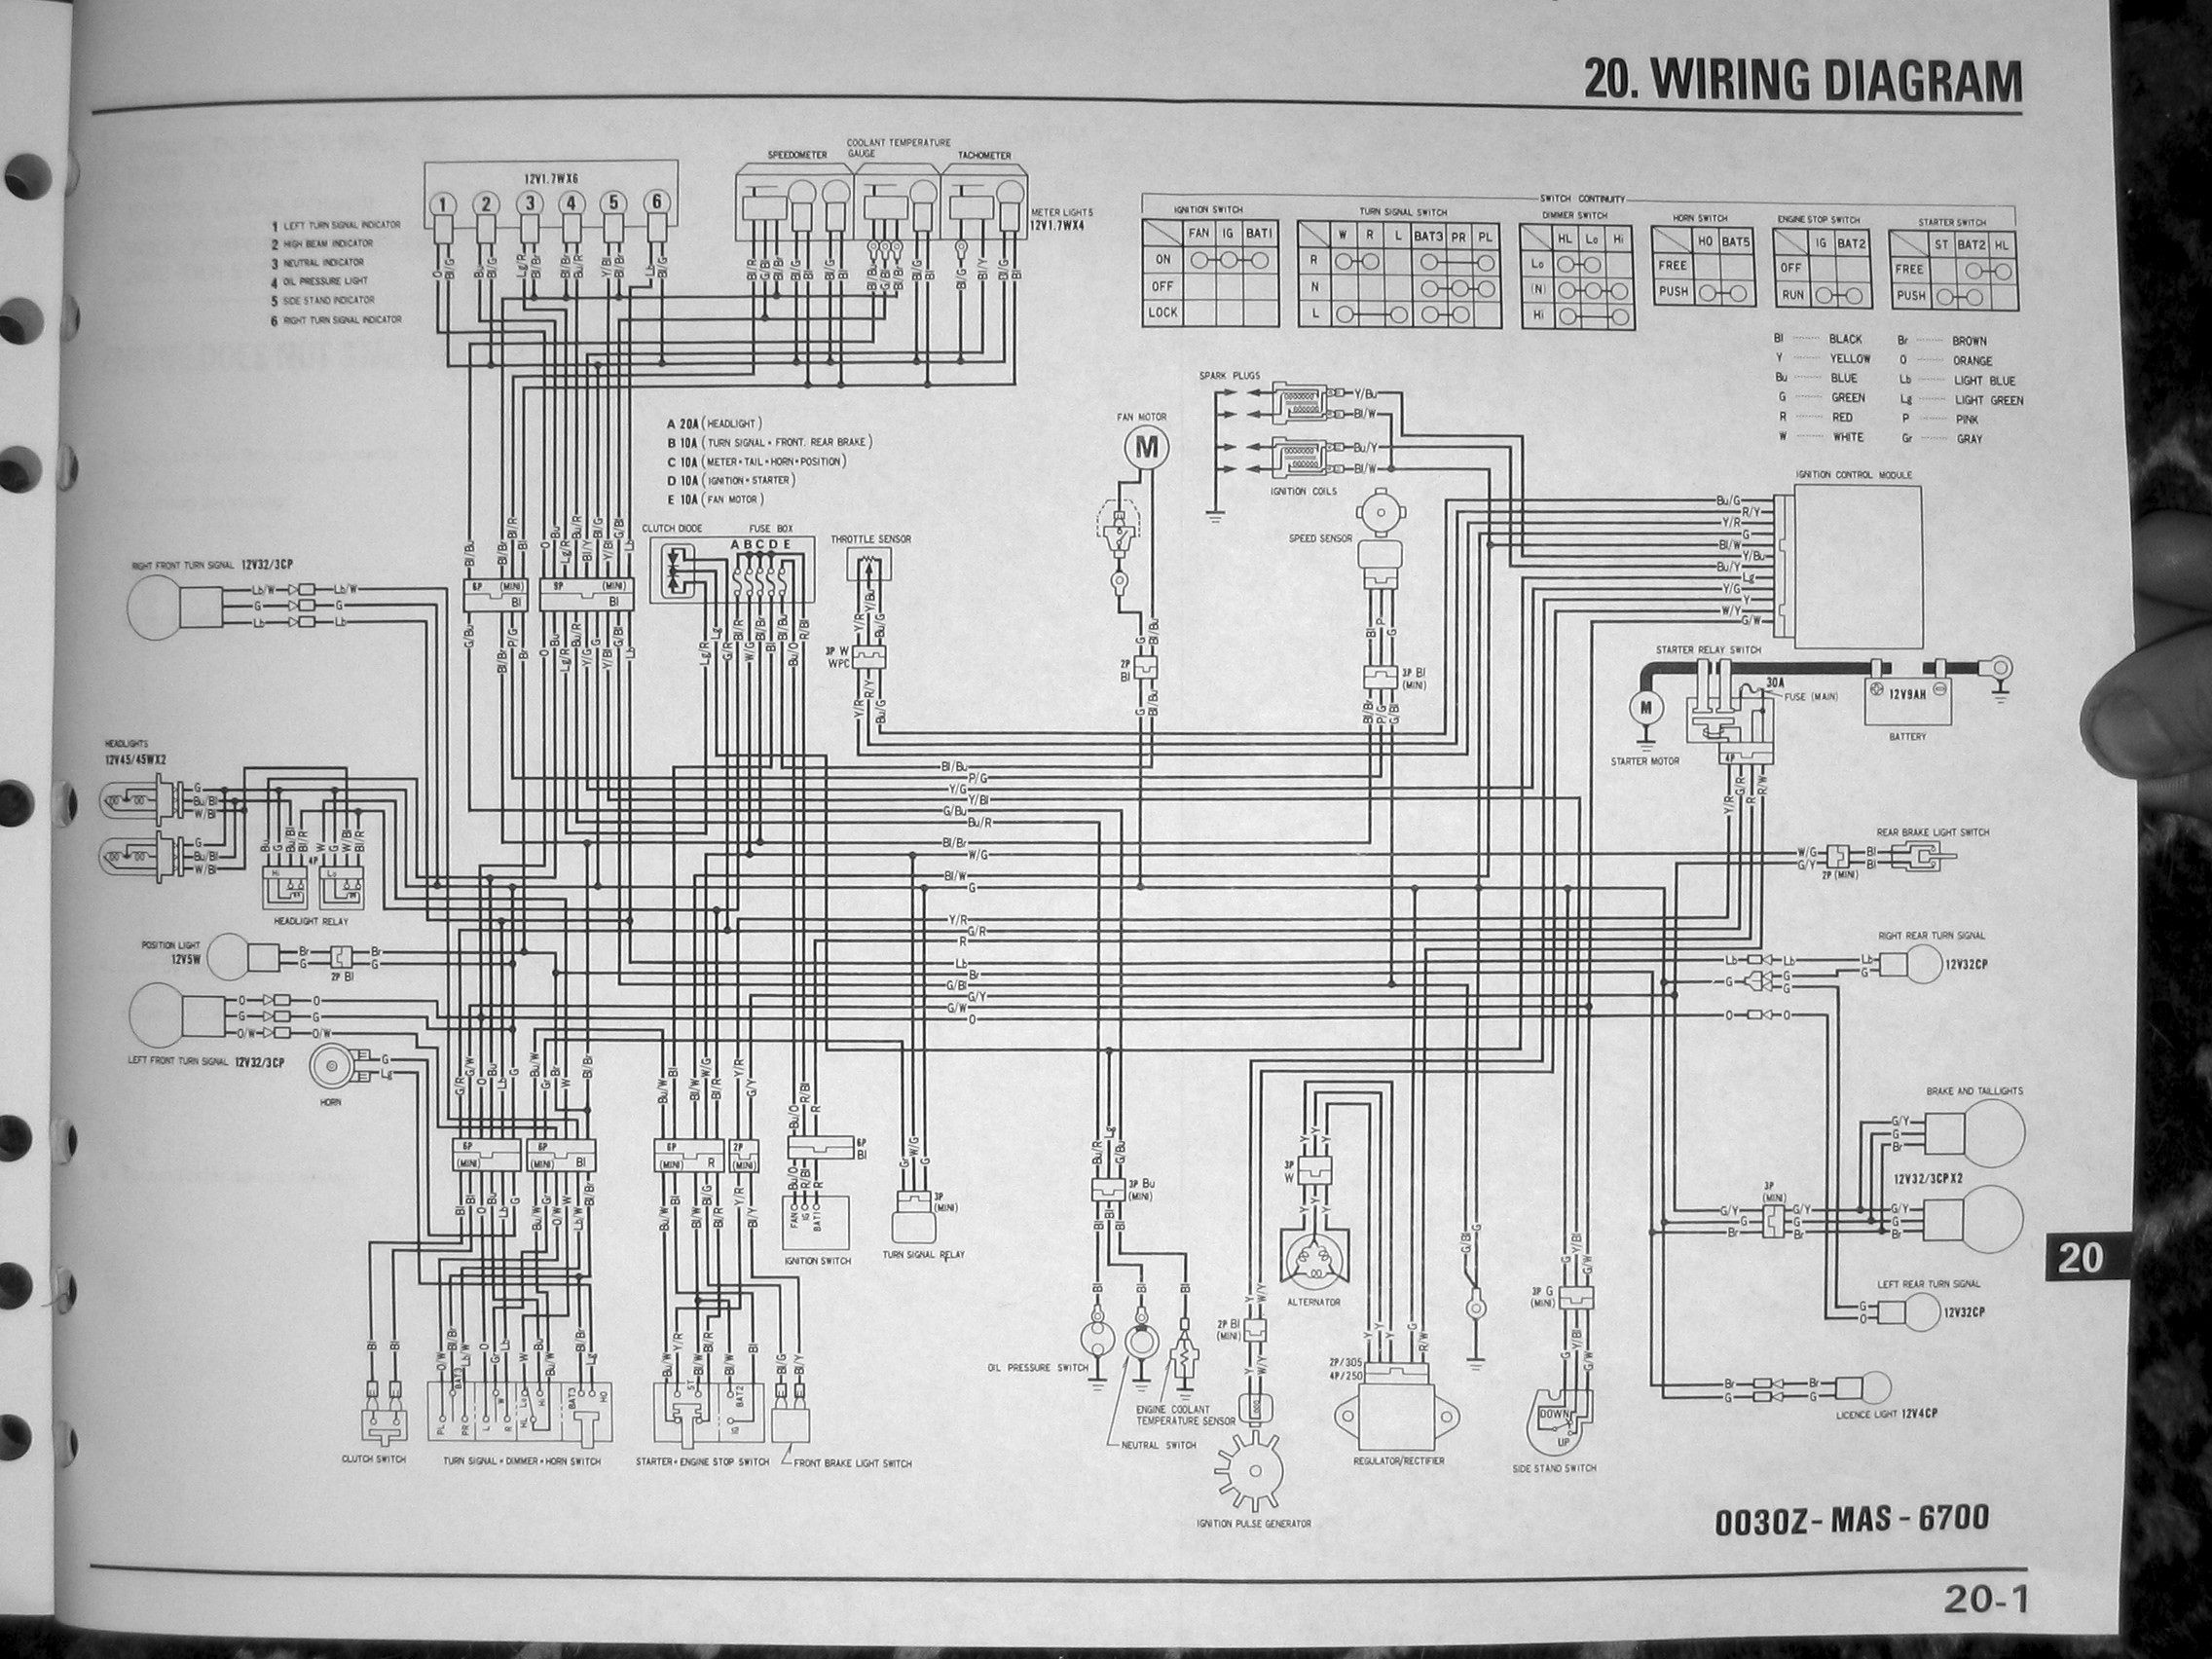 1978 Honda Cb400A Wiring Diagram from detoxicrecenze.com